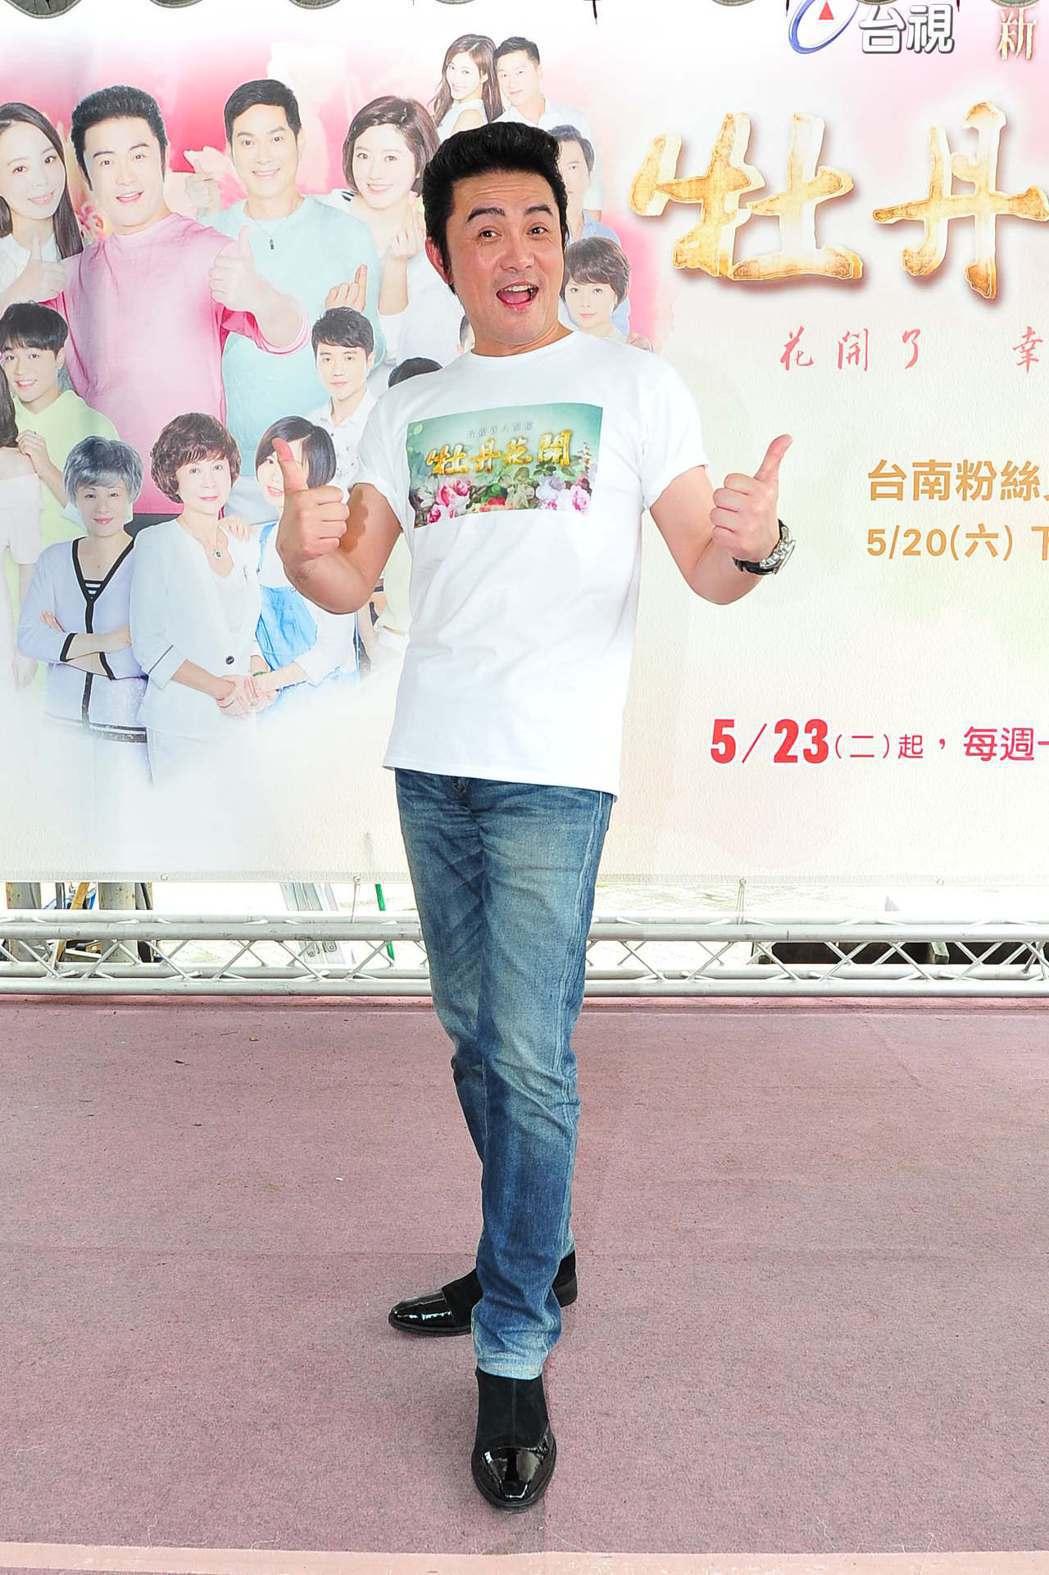 李王羅為新戲「牡丹花開」宣傳造勢。圖/台視提供